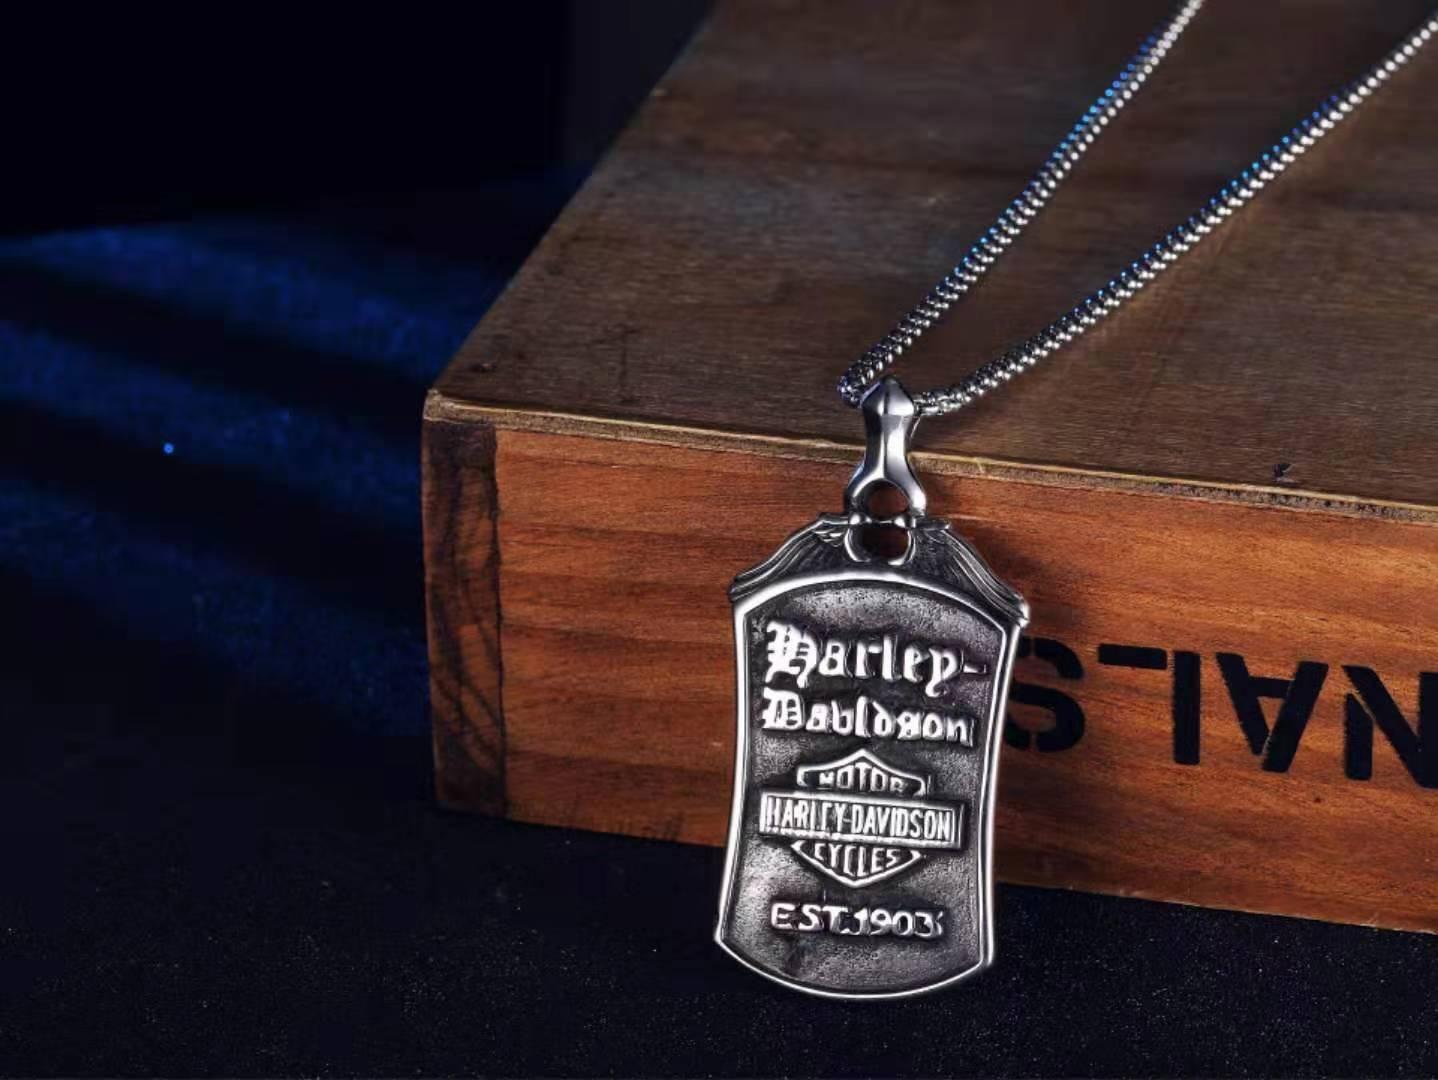 2020 جديد هارلي اليورو الأمريكية الرجعية هارلي للدراجات النارية الرجال التيتانيوم الصلب قلادة قلادة الرجال شخصية فاسق المجوهرات الإبداع الحب ث